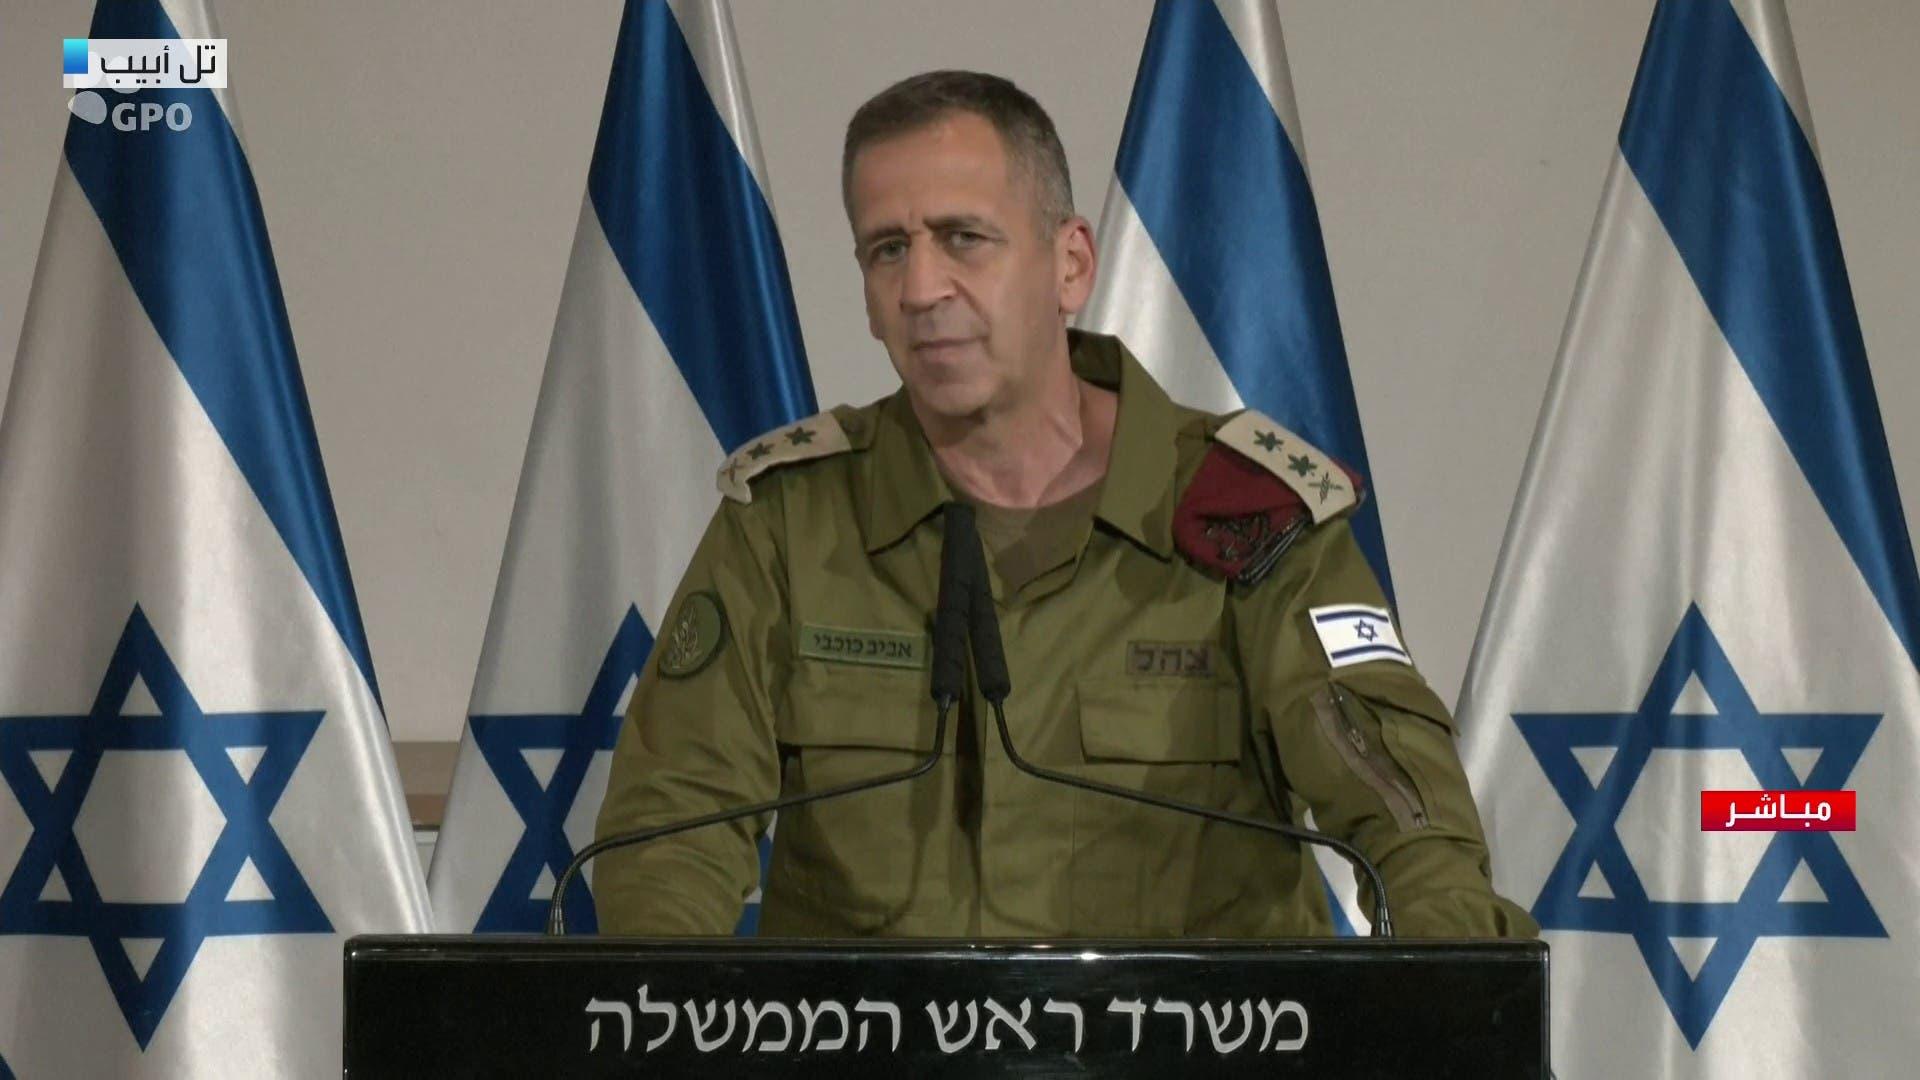 آویو کوچاوی رئيس ستاد ارتش اسرائیل